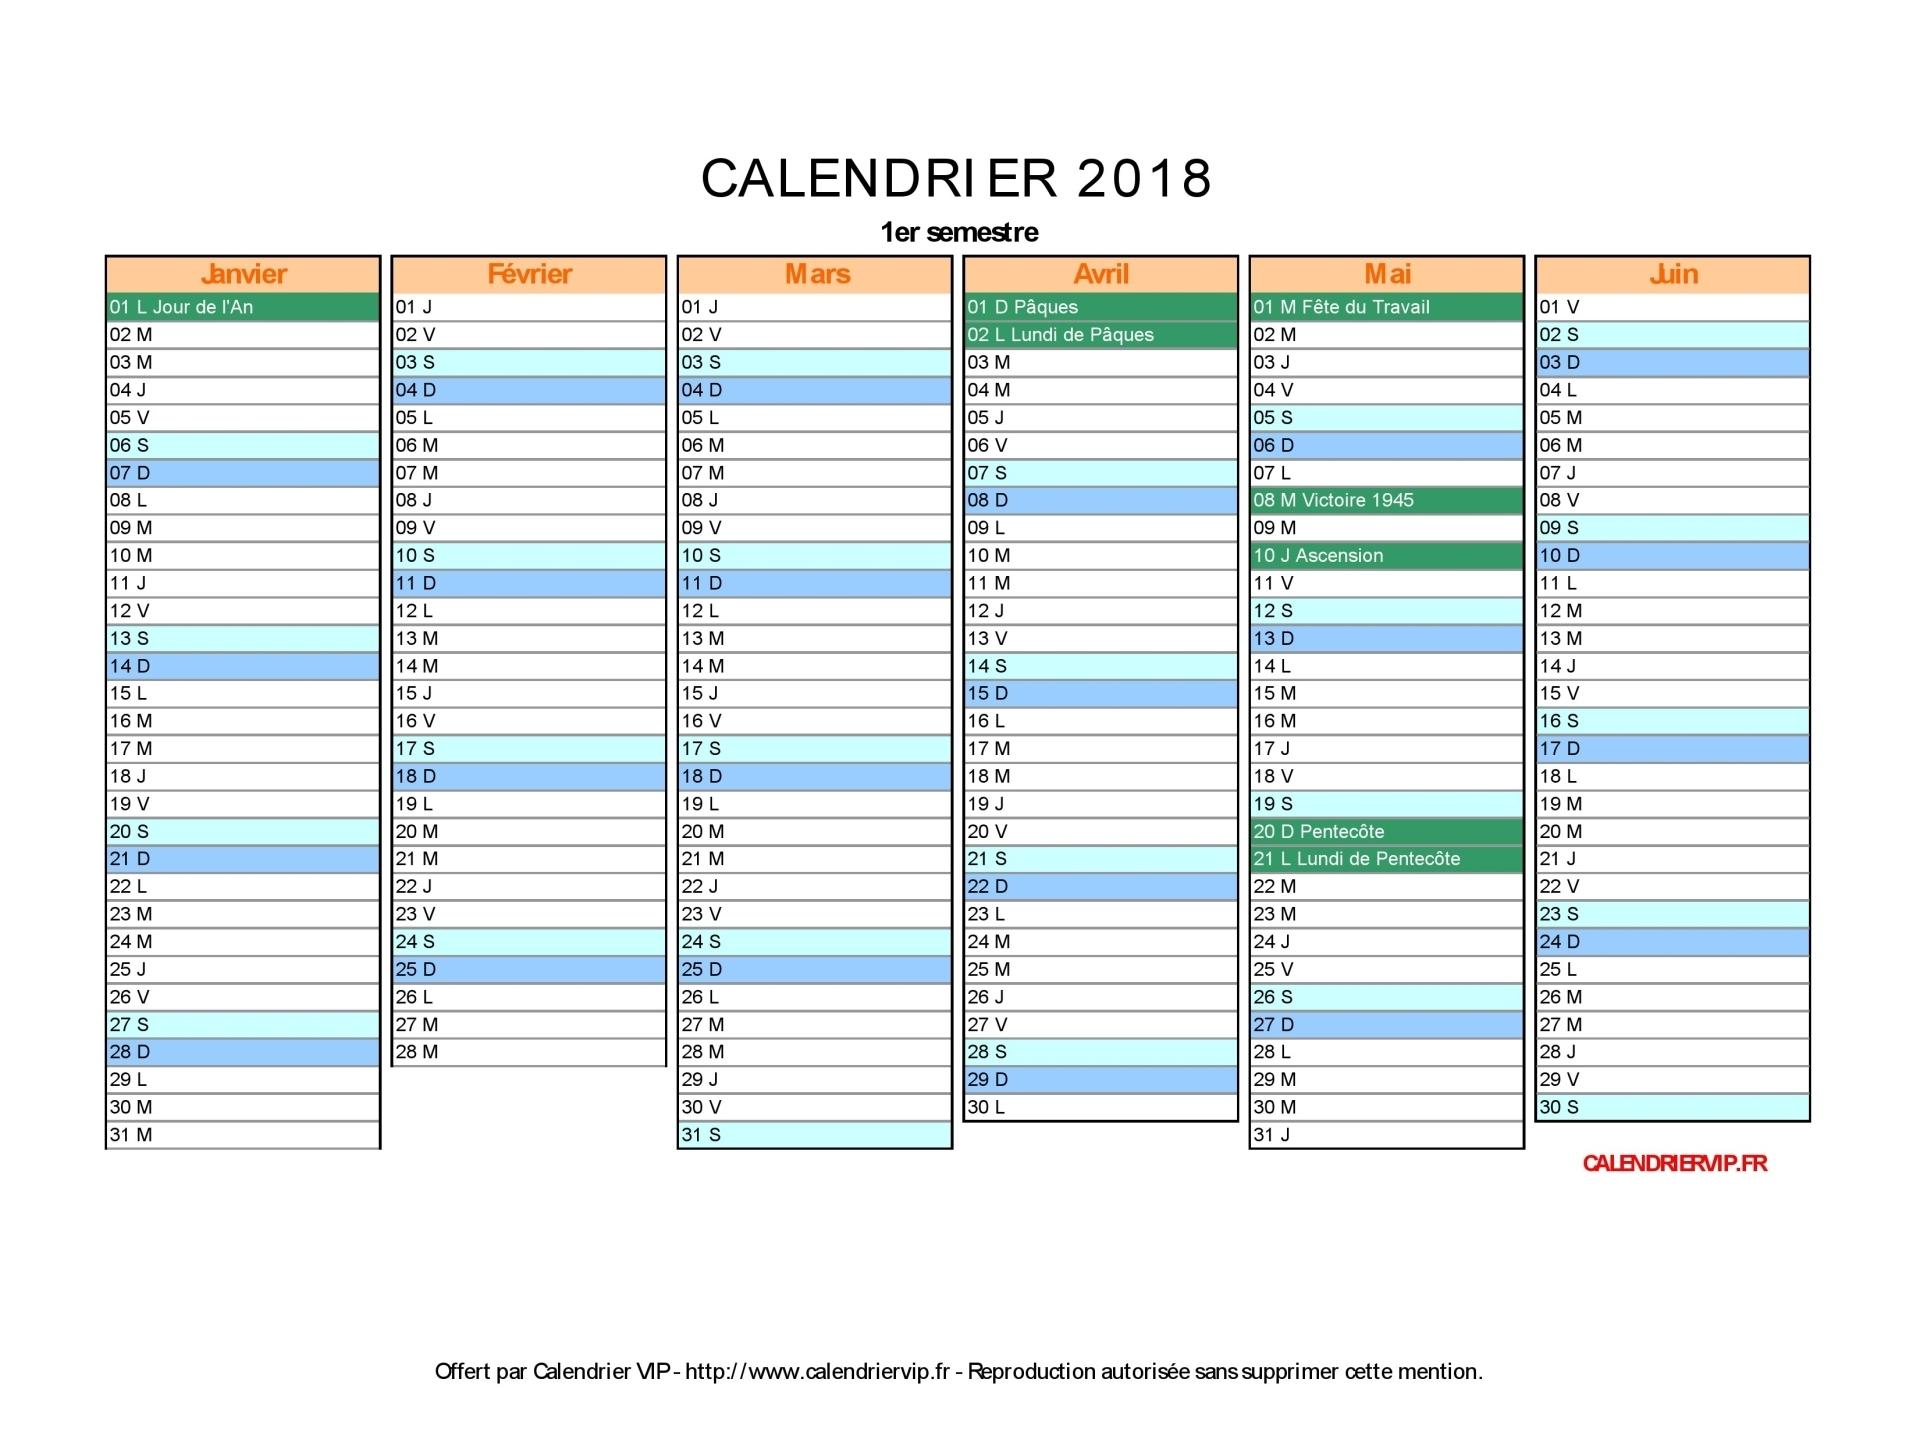 Calendrier 2018 À Imprimer Gratuit En Pdf Et Excel destiné Calendrier 2018 À Imprimer Avec Vacances Scolaires